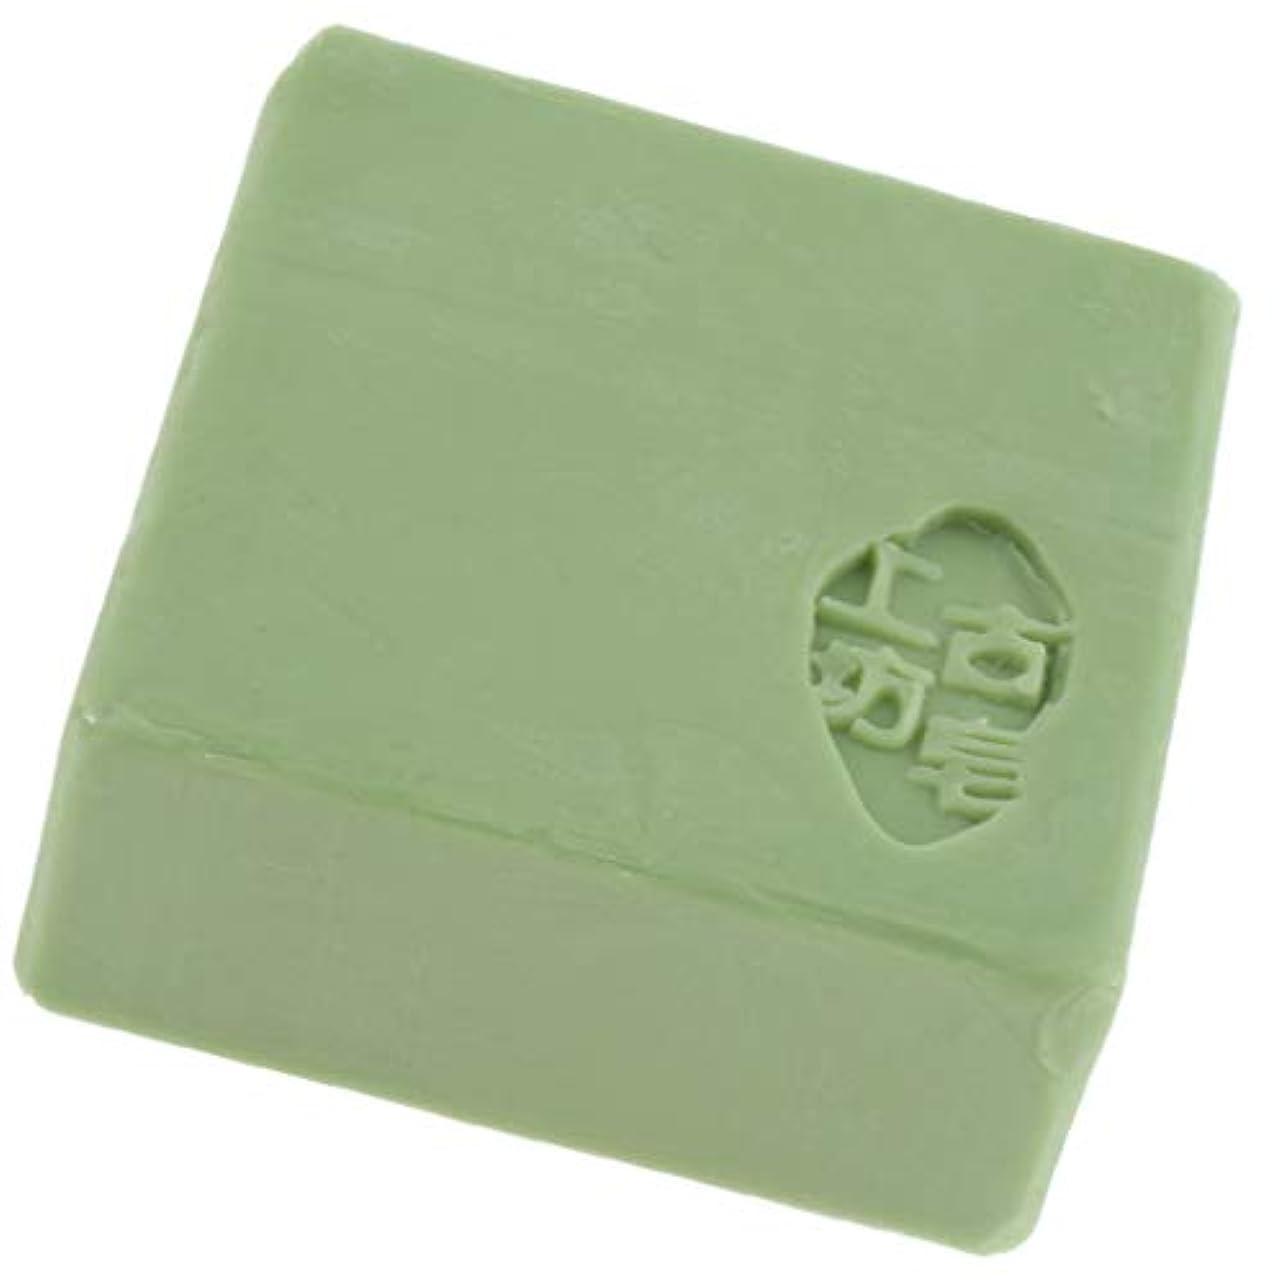 没頭する三間違いなくBaoblaze バス スキンケア フェイス ボディソープ 石鹸 保湿 好意 全3色 - 緑